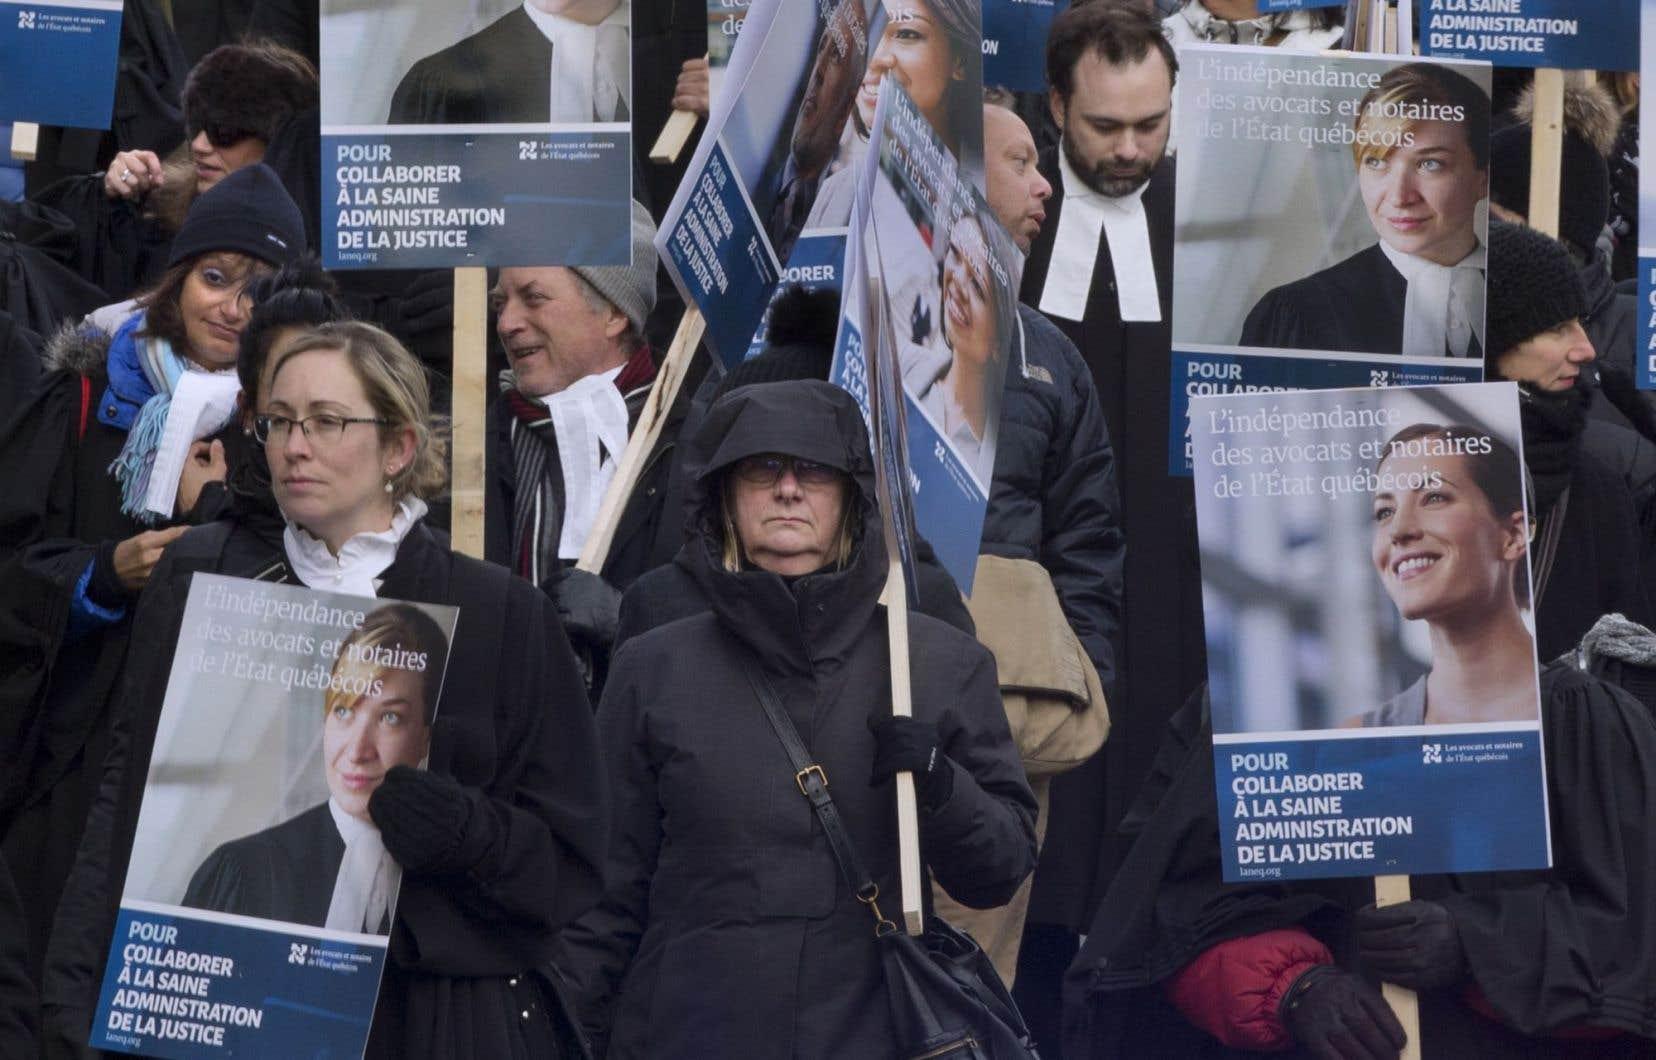 Les avocats et les notaires de l'État québécois sont en grève depuis le 24octobre dernier.